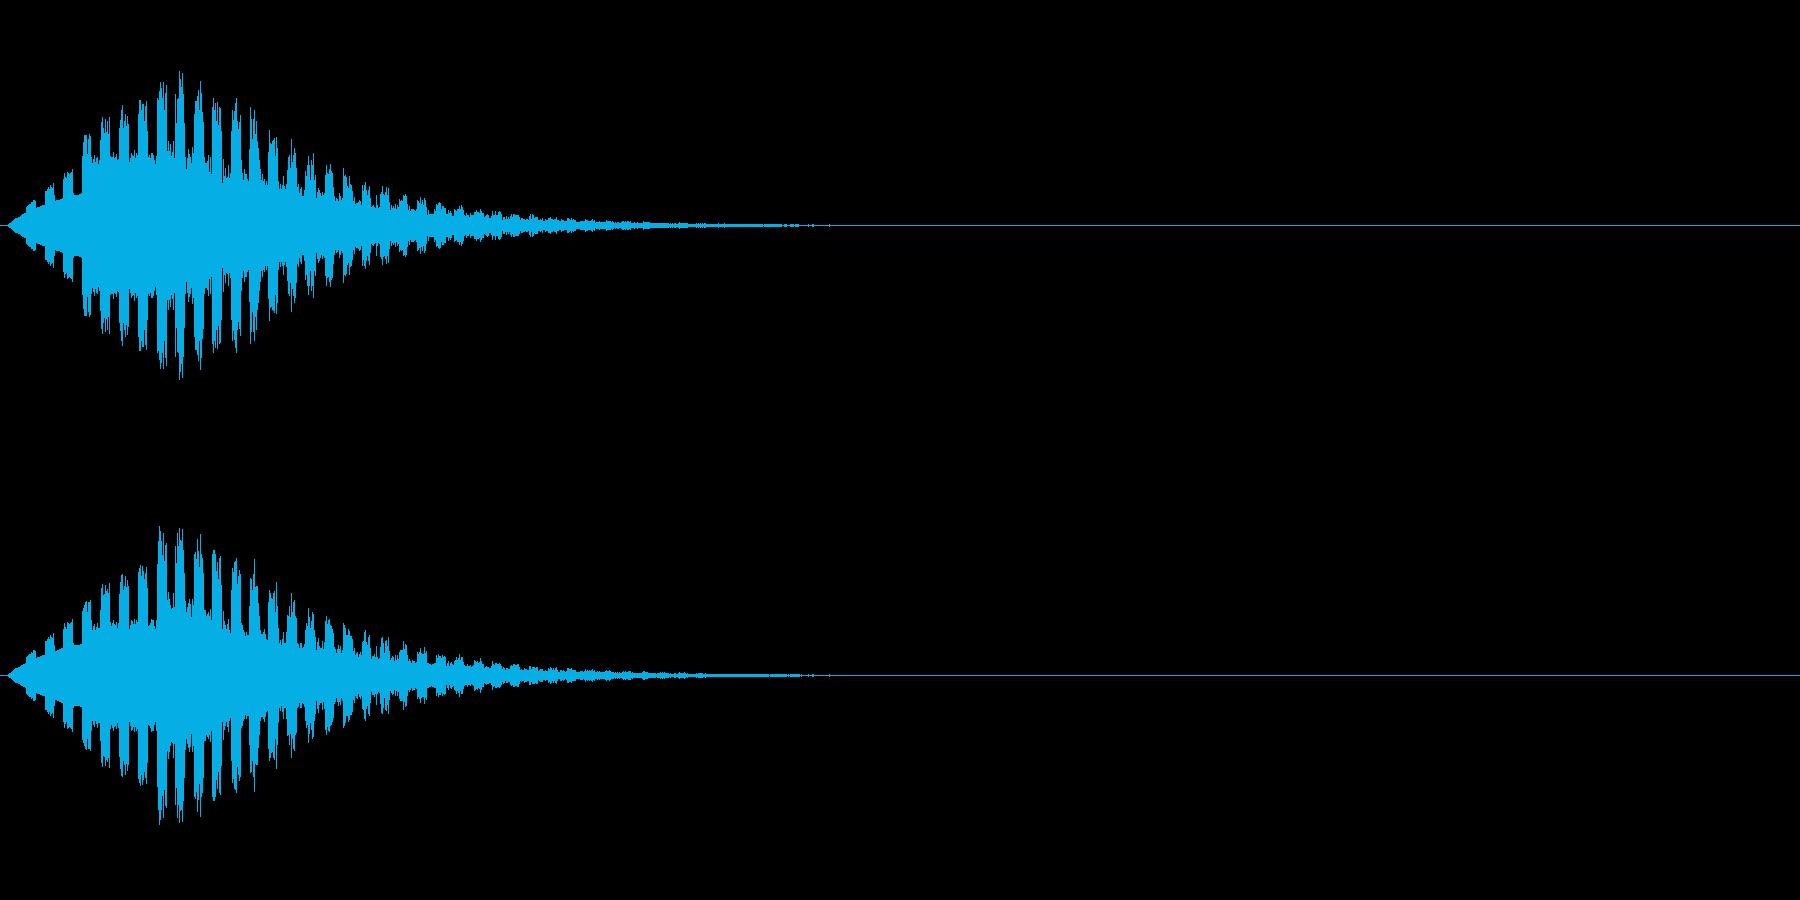 ヒューン↓(場面転換、流れ星、下降)の再生済みの波形